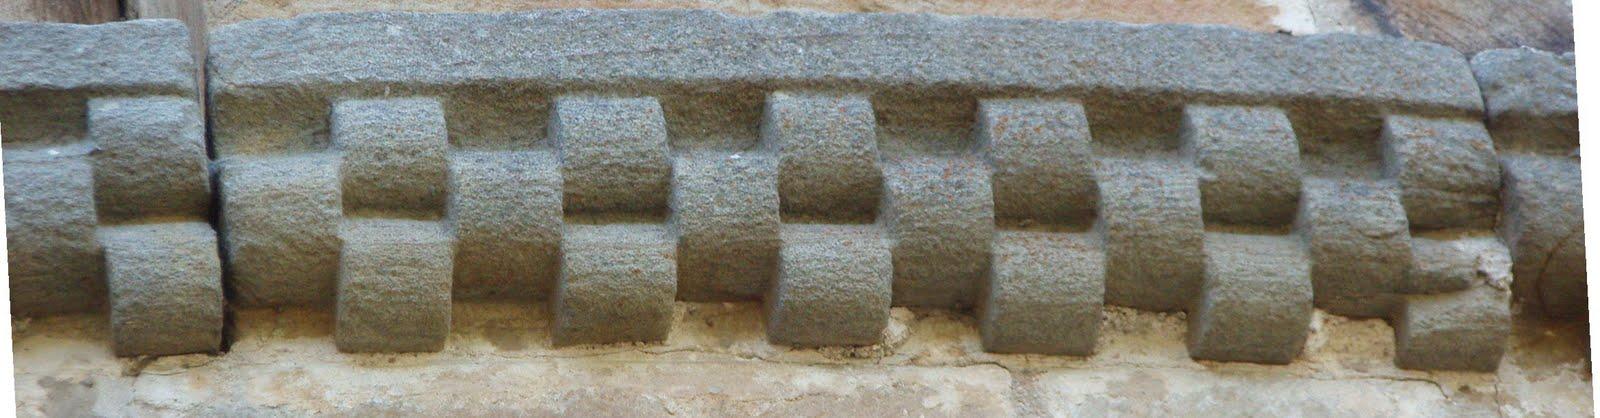 Blog de geometr a abril 2010 for Arte arquitectura definicion